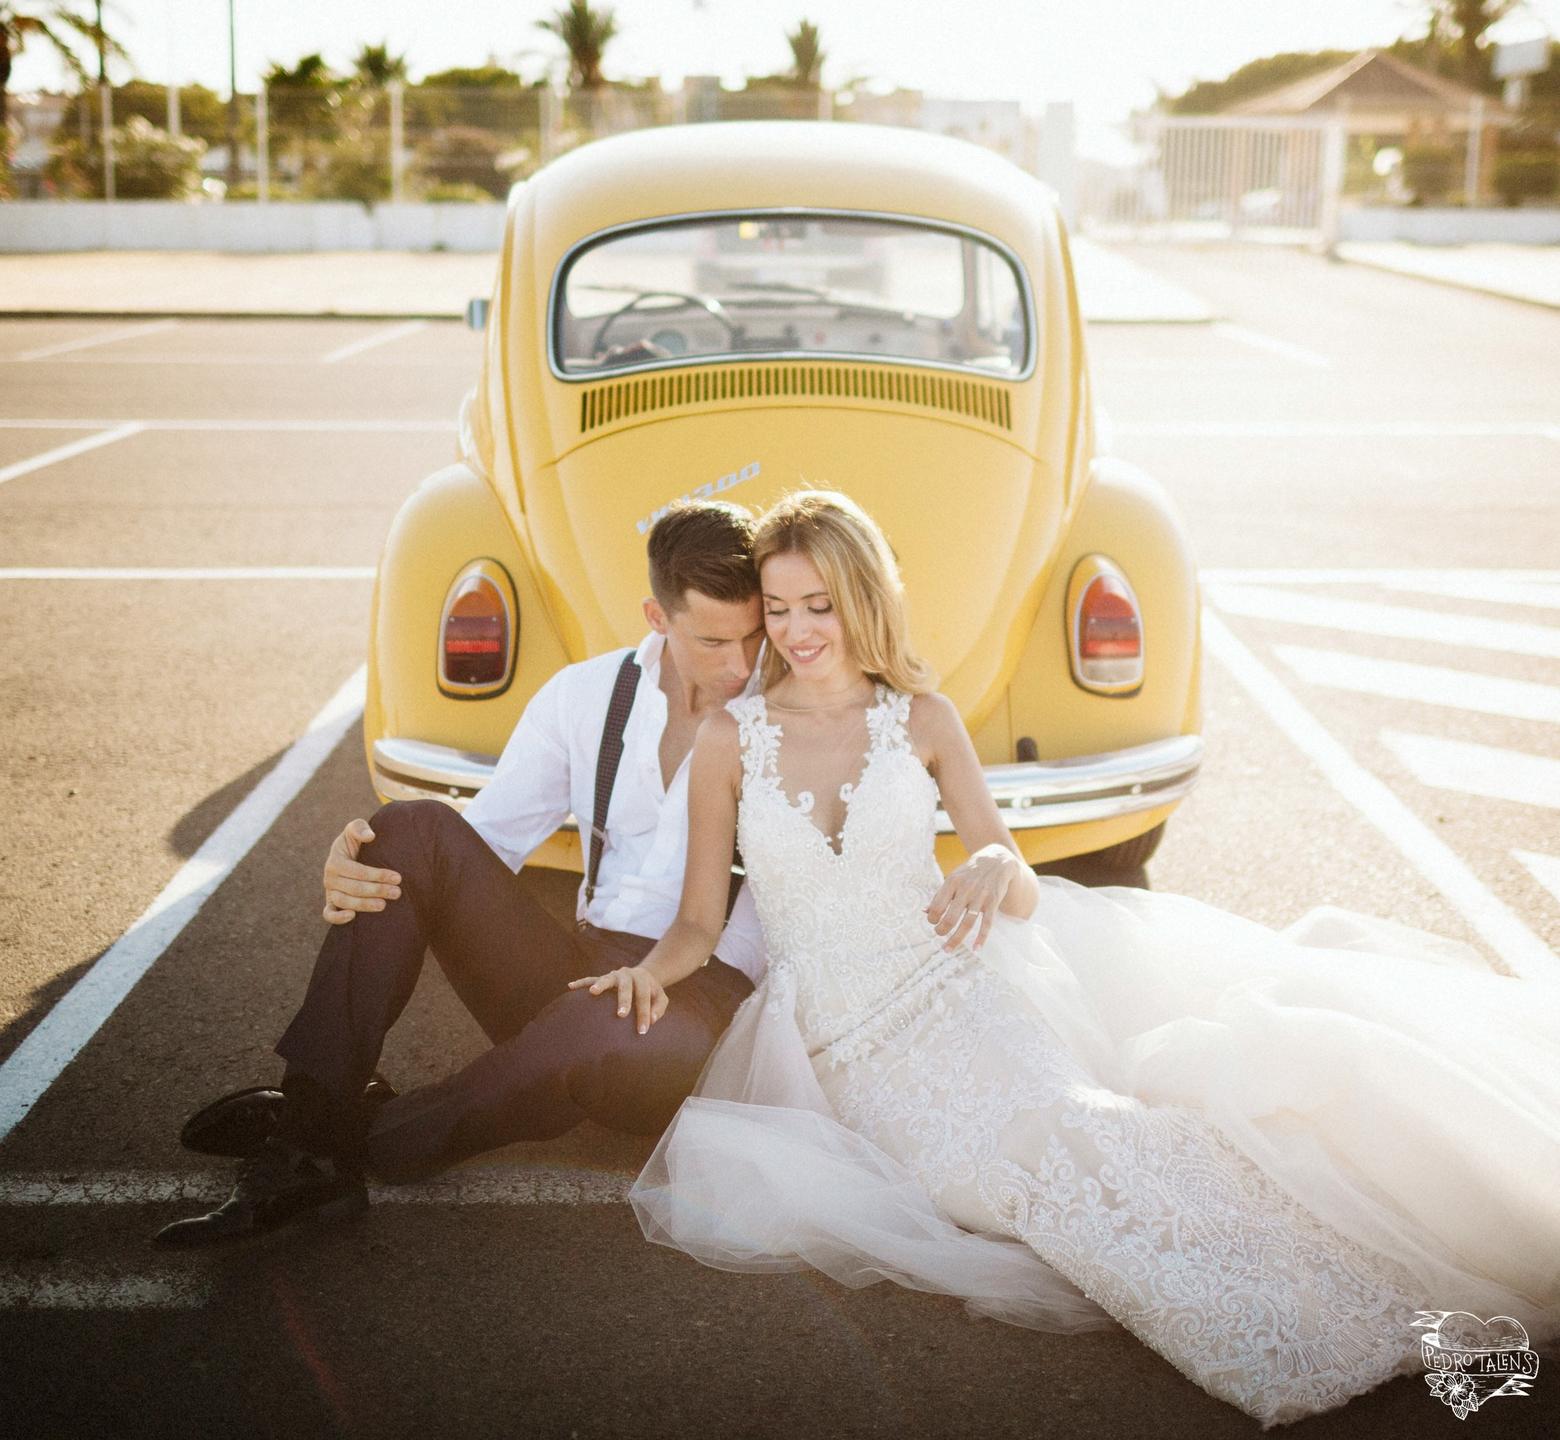 Pedro Talens - Fotógrafo de bodas (@pedrotalens) Cover Image